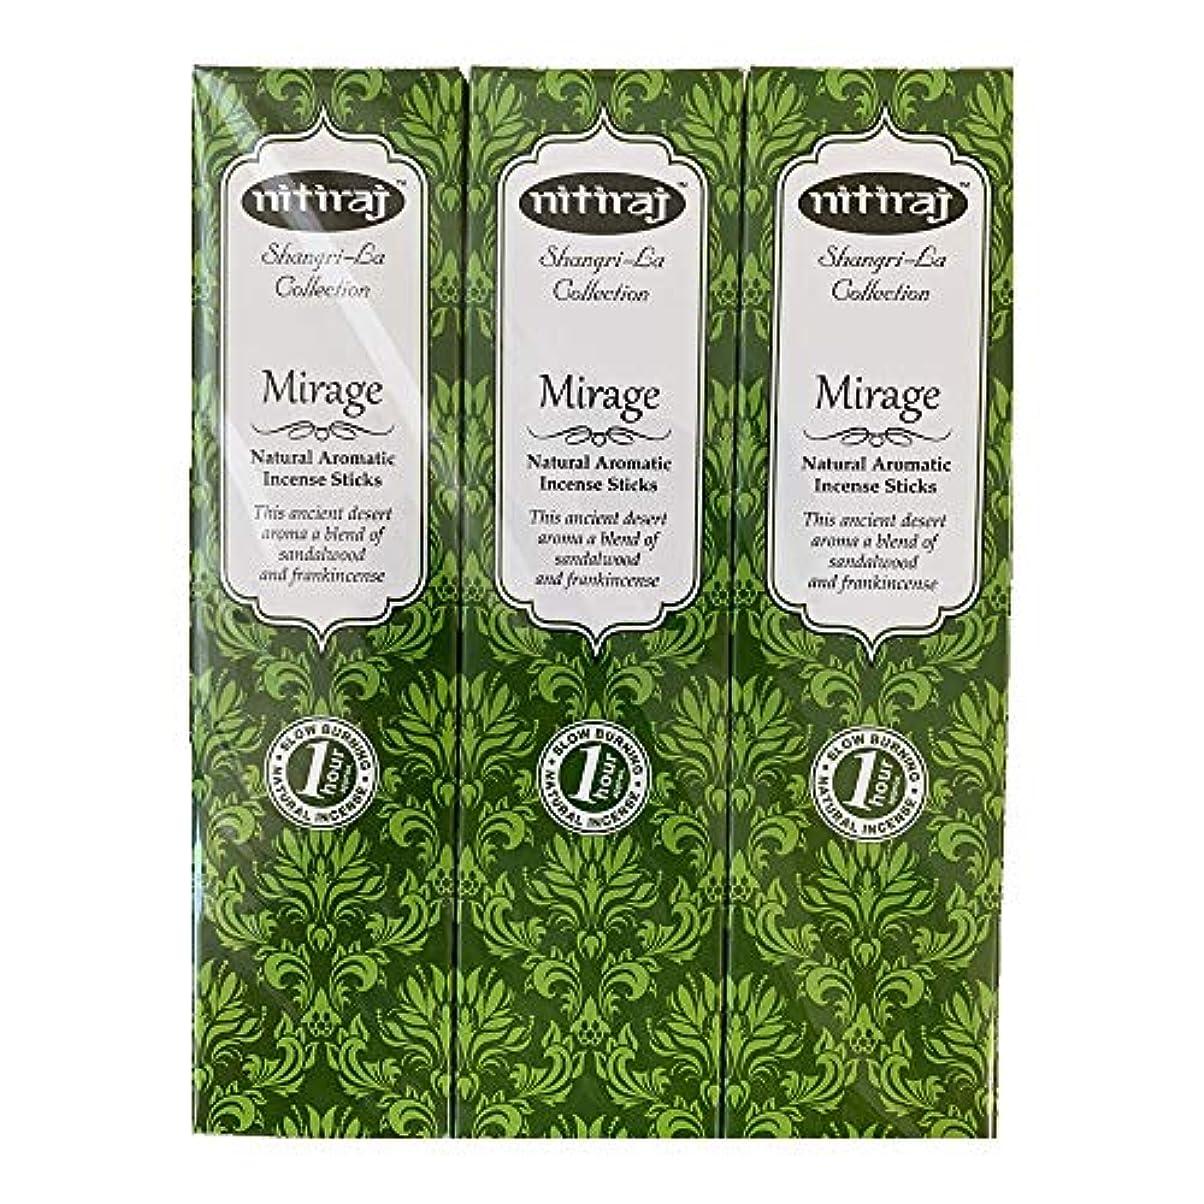 唇機械的にゴールドお香 アロマインセンス Nitiraj(ニティラジ)Mirage(蜃気楼) 3箱セット(30本/1箱10本入り)100%天然素材